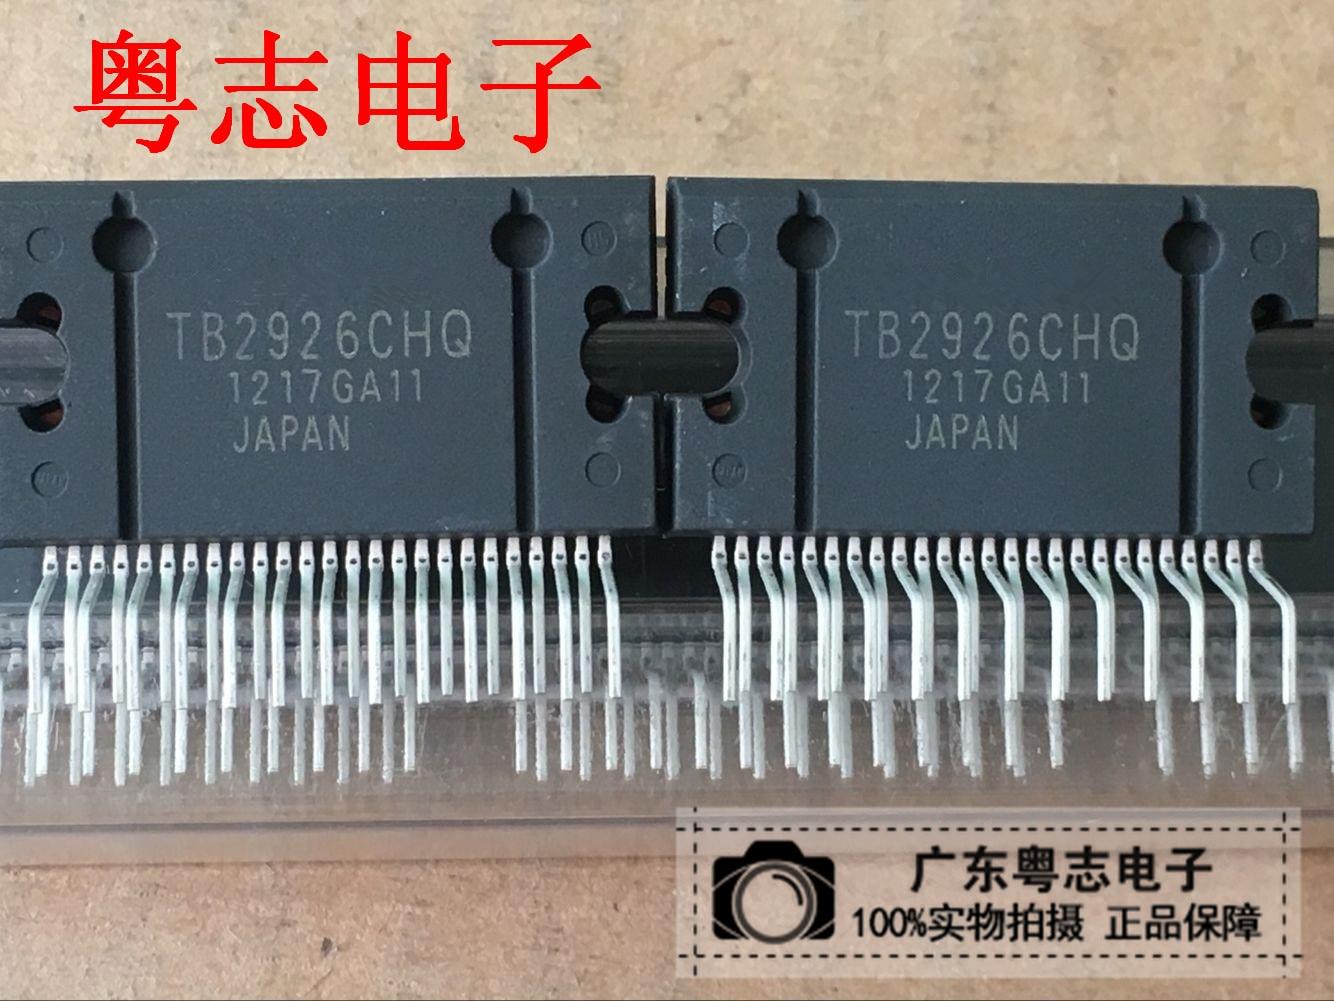 1pcs/lot TB2926CHQ TB2926HQ TB2926C ZIP-25 In Stock